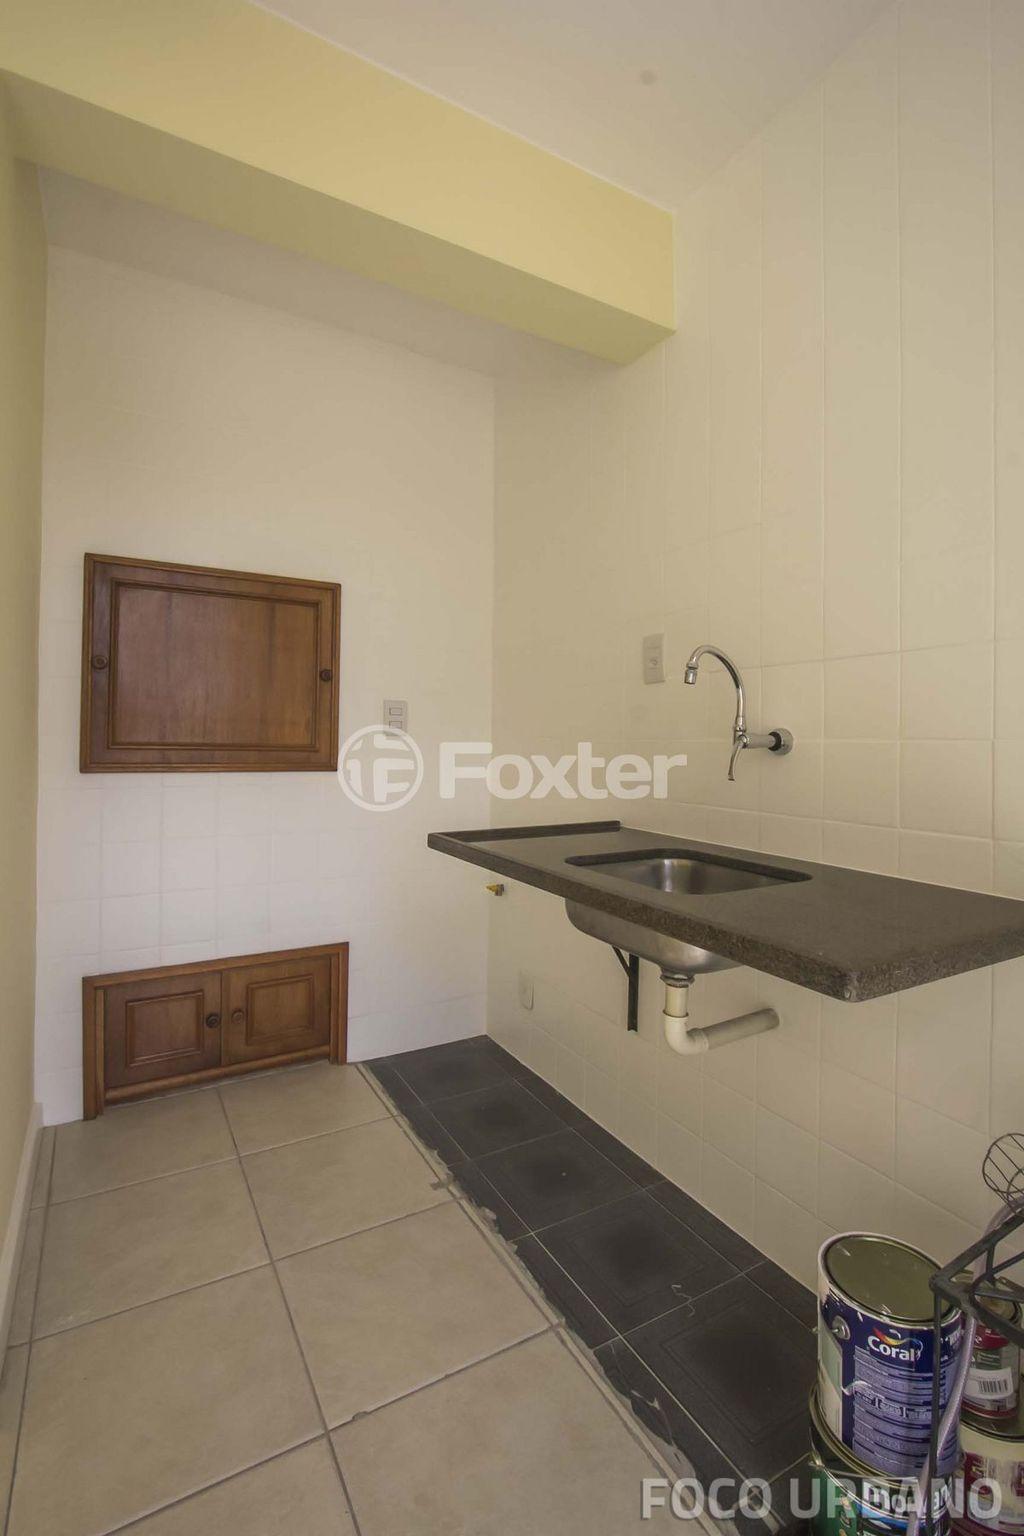 Foxter Imobiliária - Cobertura 2 Dorm (132146) - Foto 20